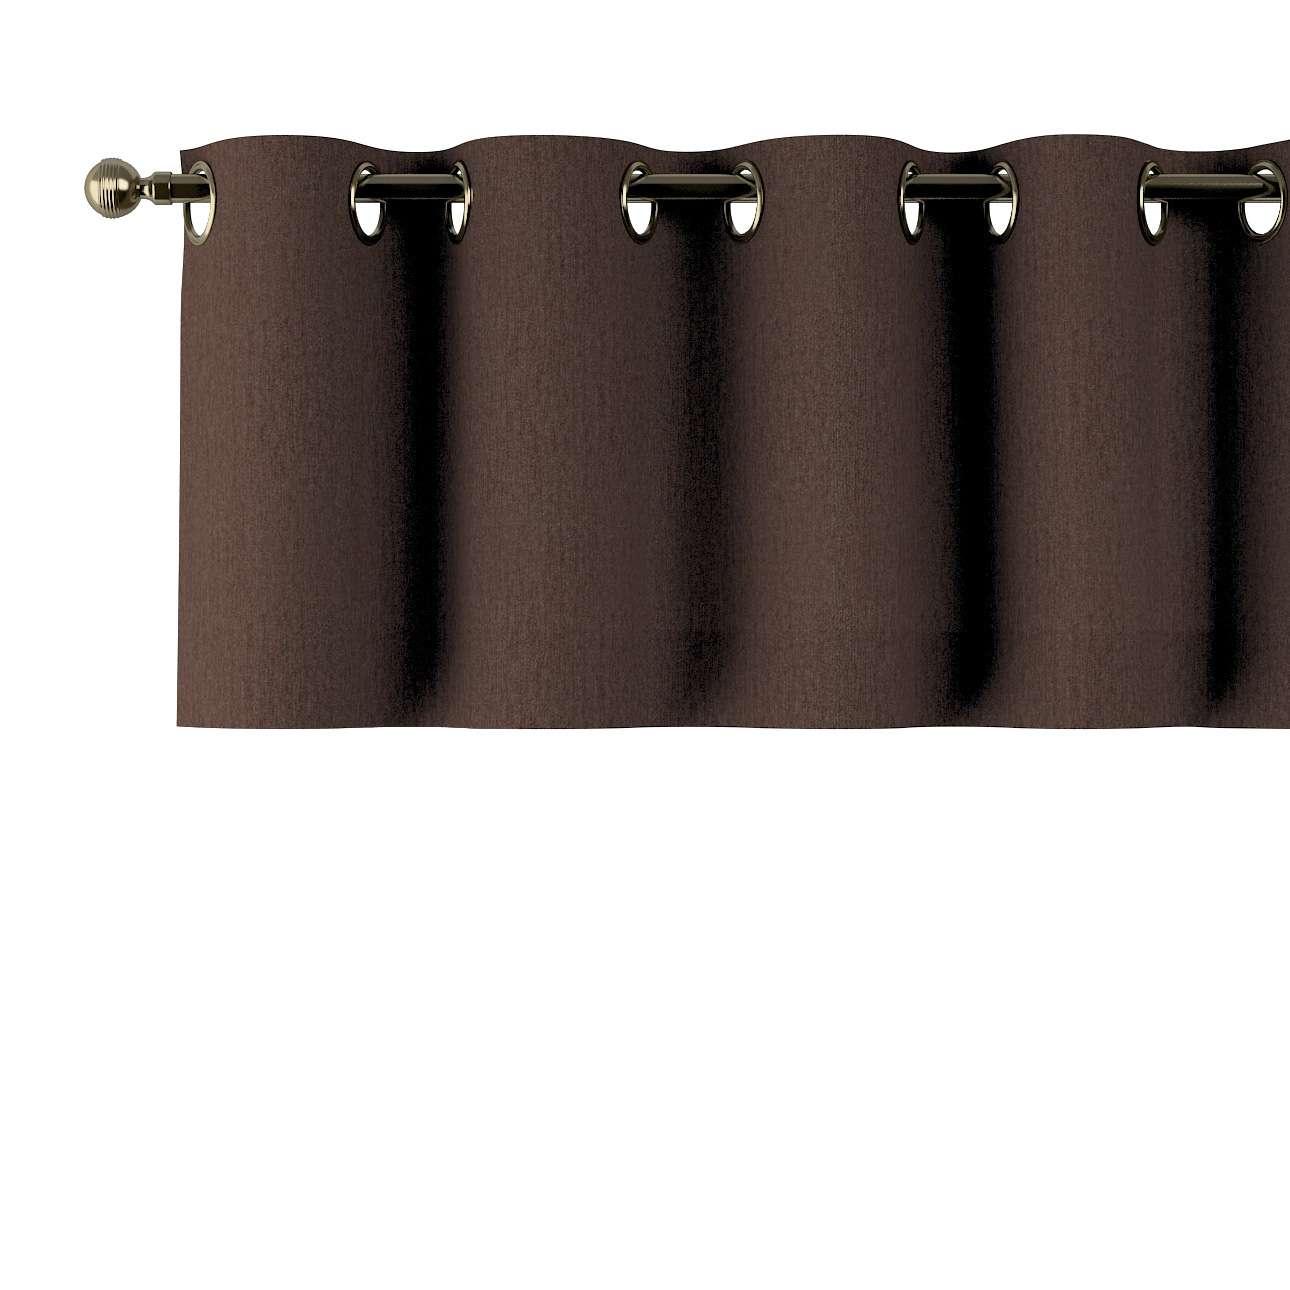 Trumpa užuolaidėlė (lambrekenas) žiedinis klostavimas 130x40cm kolekcijoje Chenille, audinys: 702-18